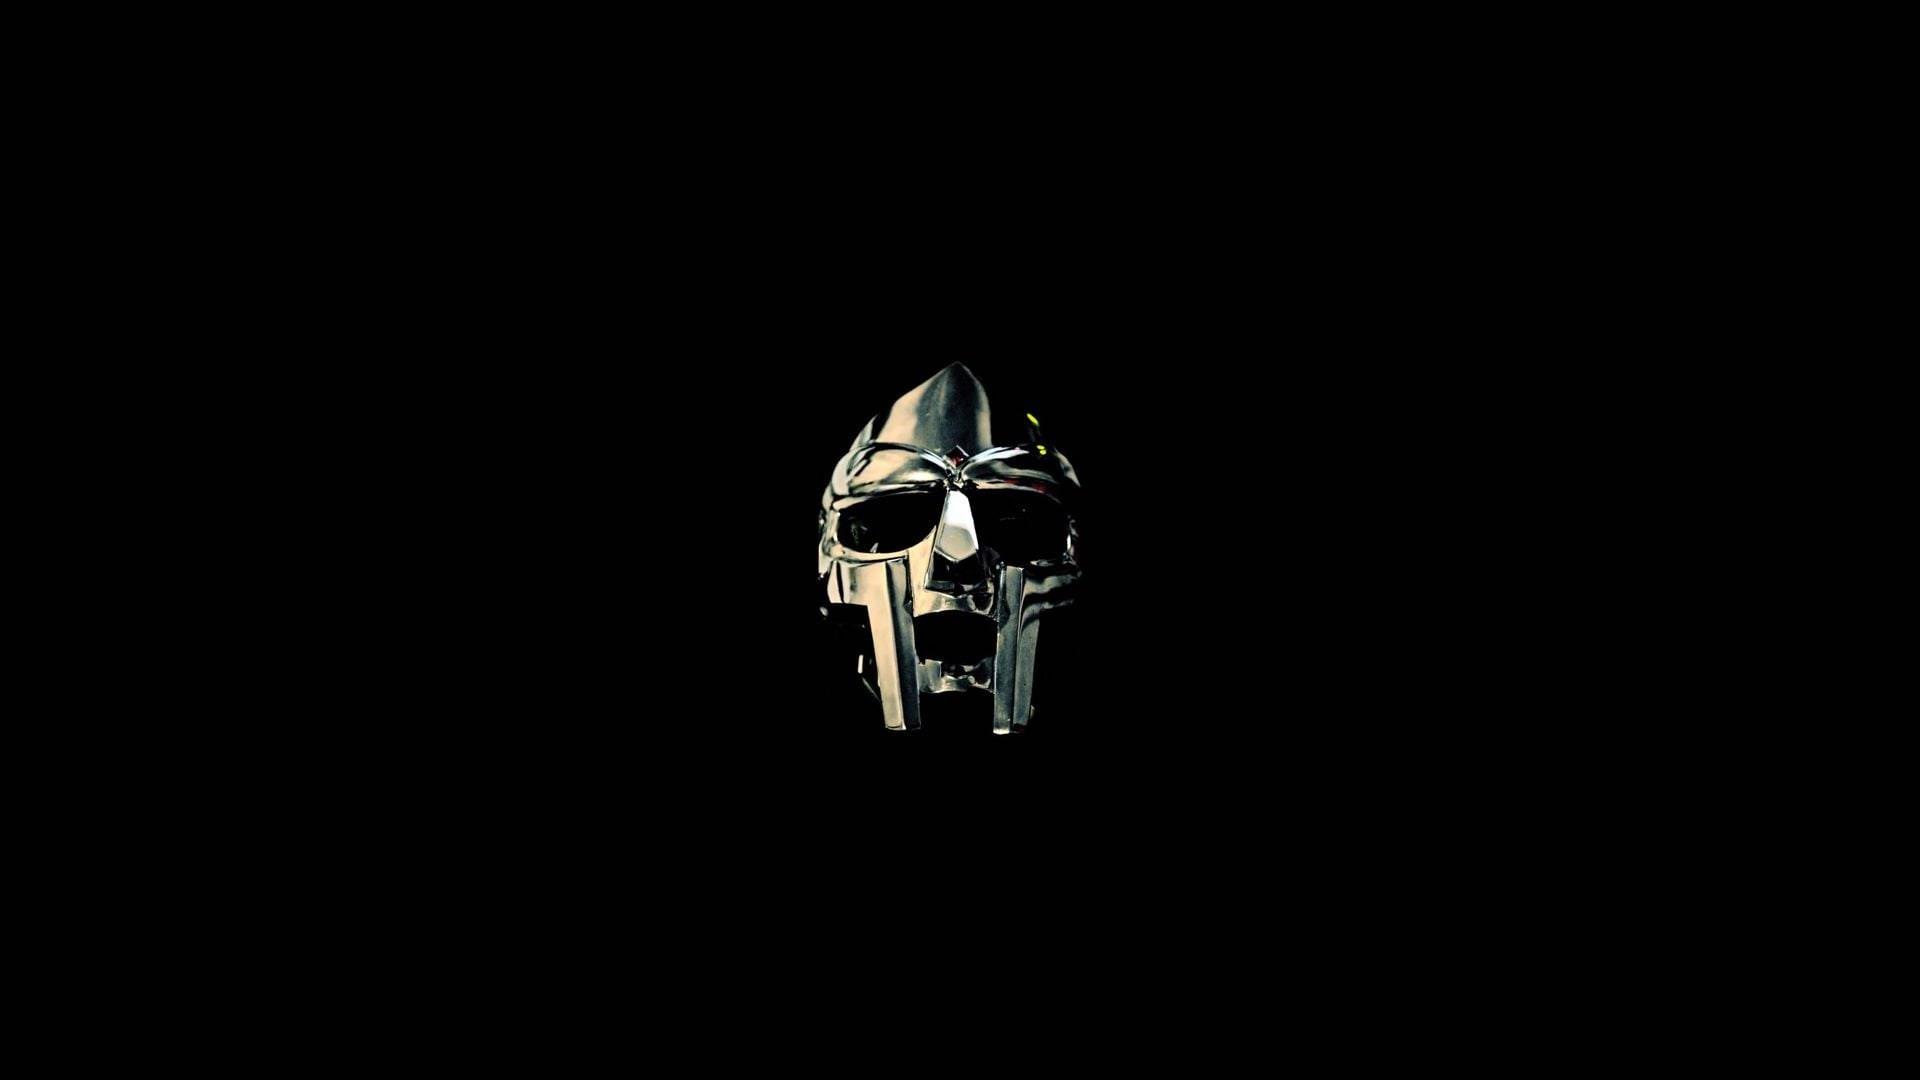 Mf Doom Wallpaper ① Download Free Amazing Wallpapers For Desktop